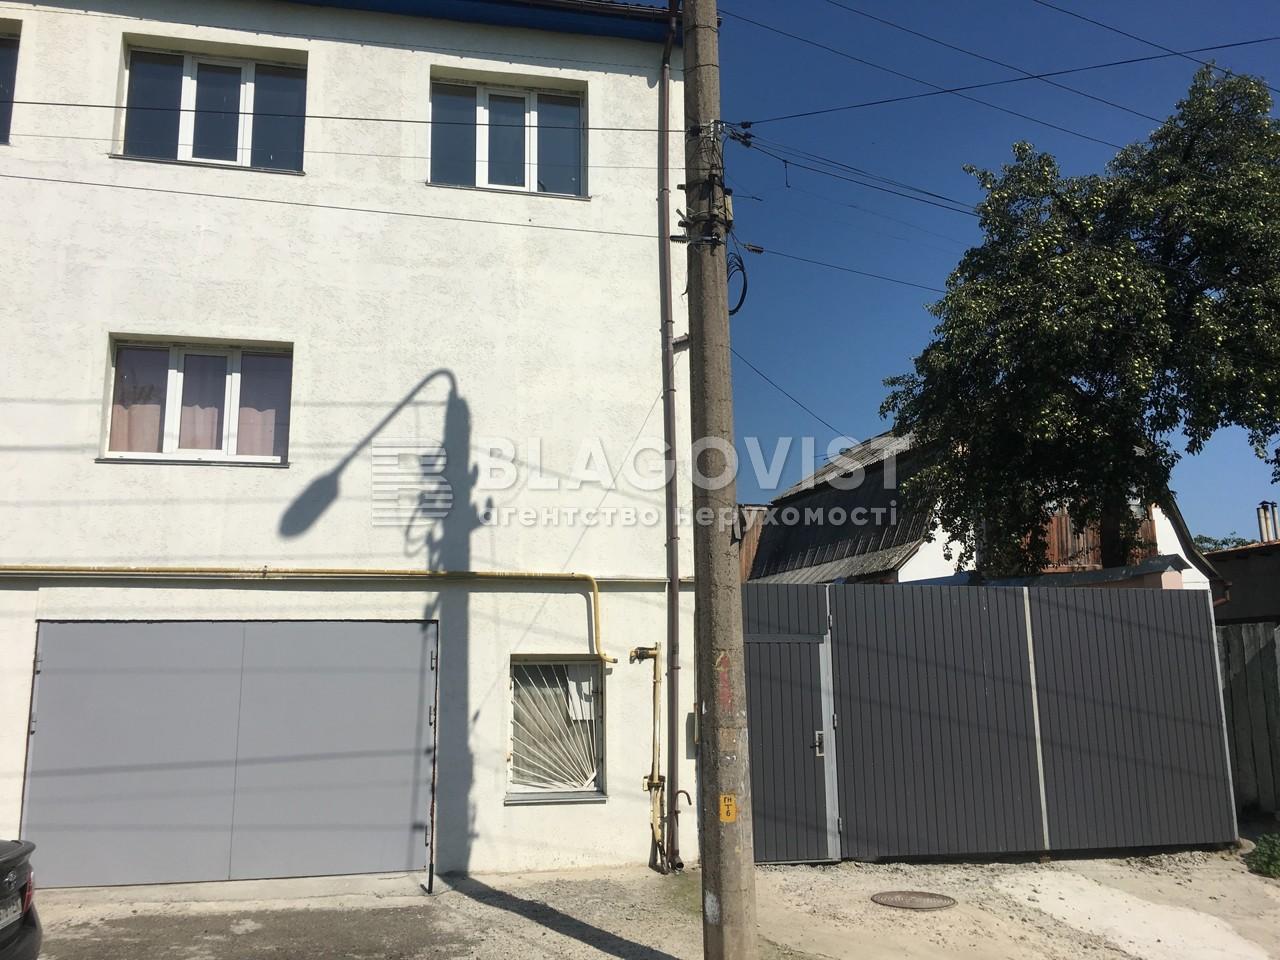 Имущественный комплекс, H-19932, Профинтерна, Киев - Фото 1